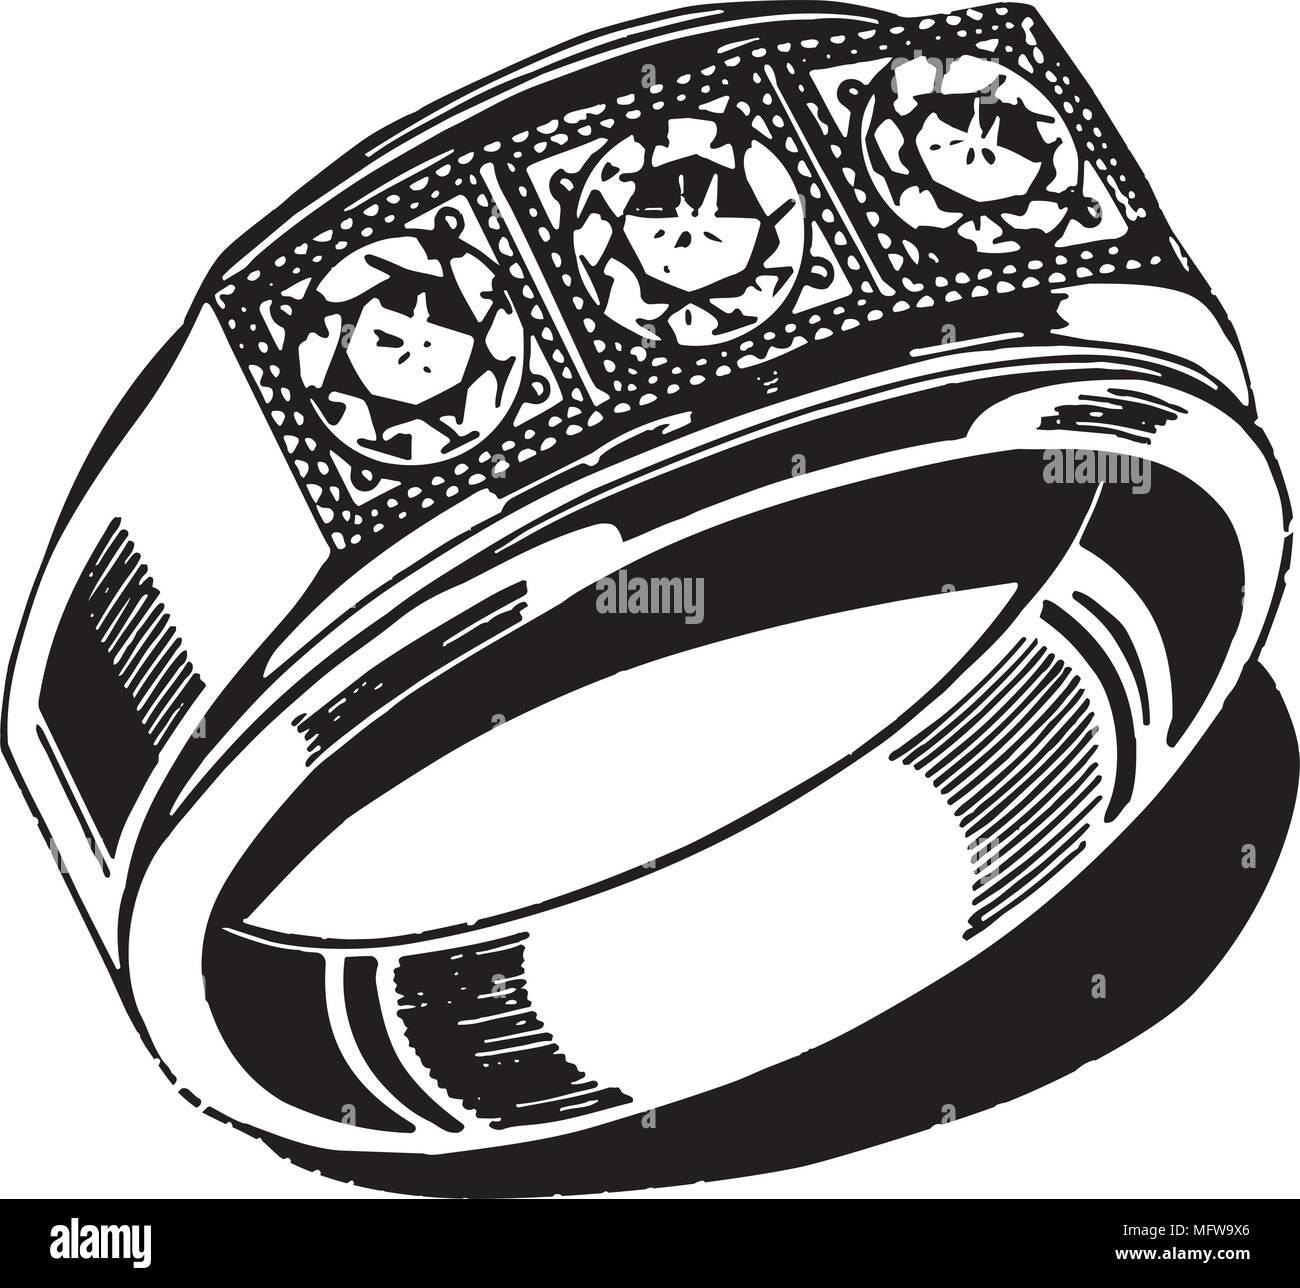 hight resolution of mens wedding ring retro clipart illustration